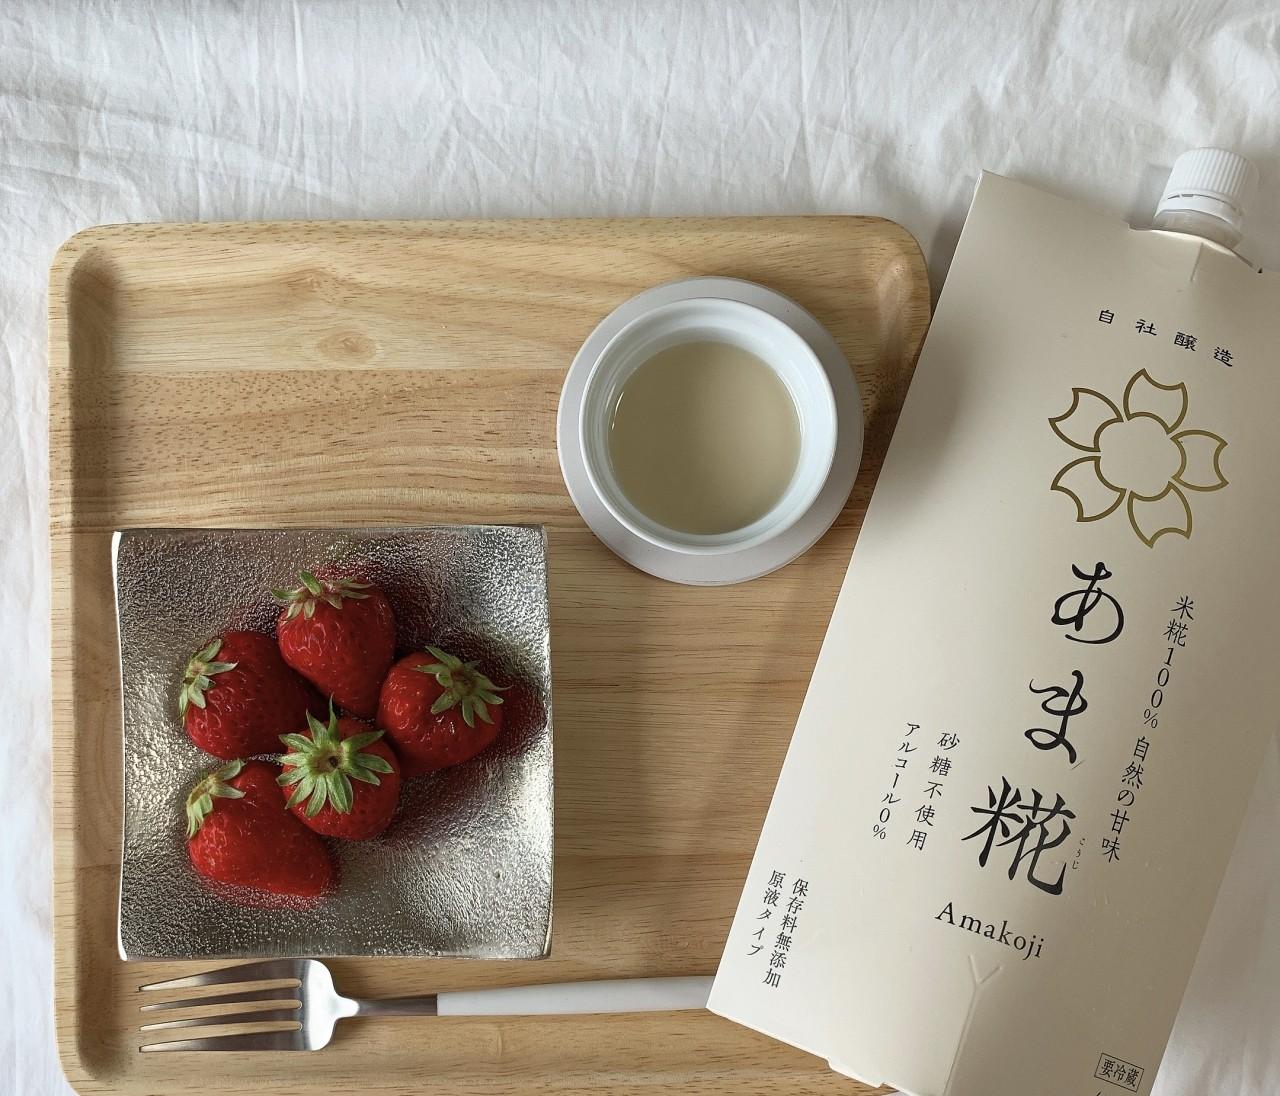 美肌&ダイエット腸活!500円で試せる『あま糀』トライアル♡